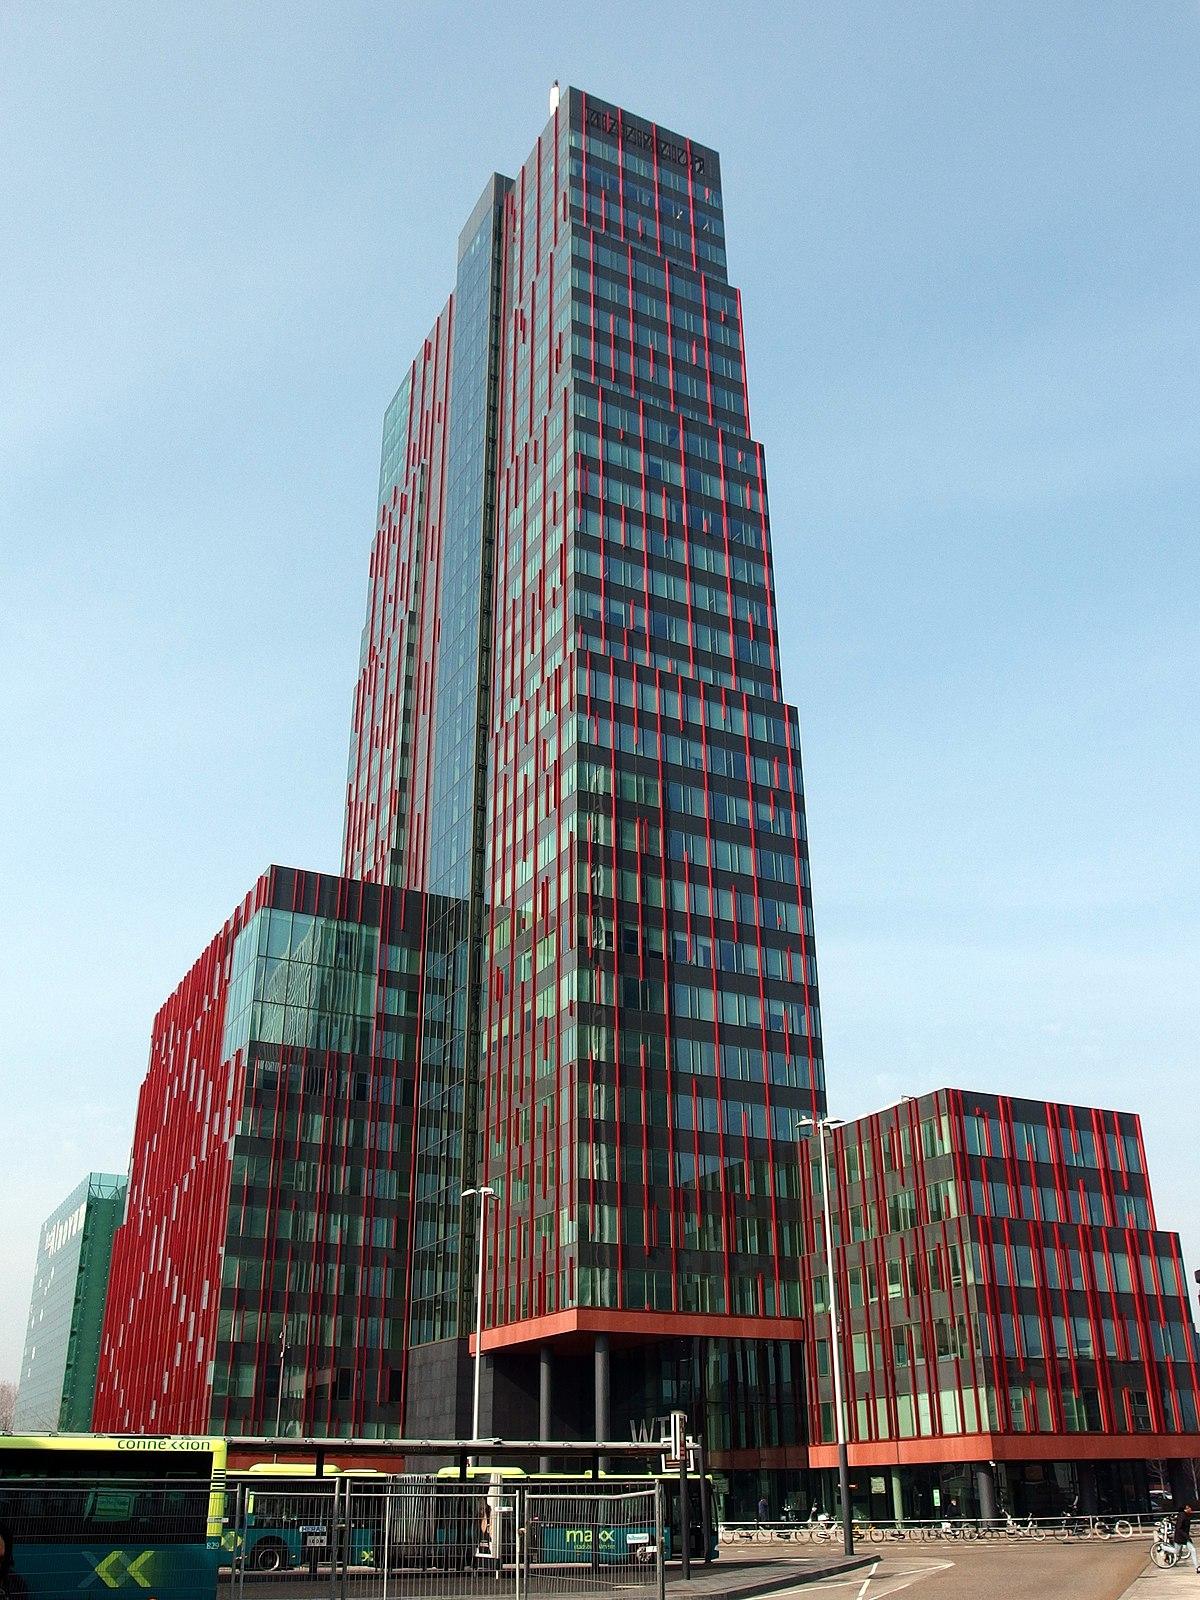 Carlton gebouw wikipedia - Stad geschakelde ...